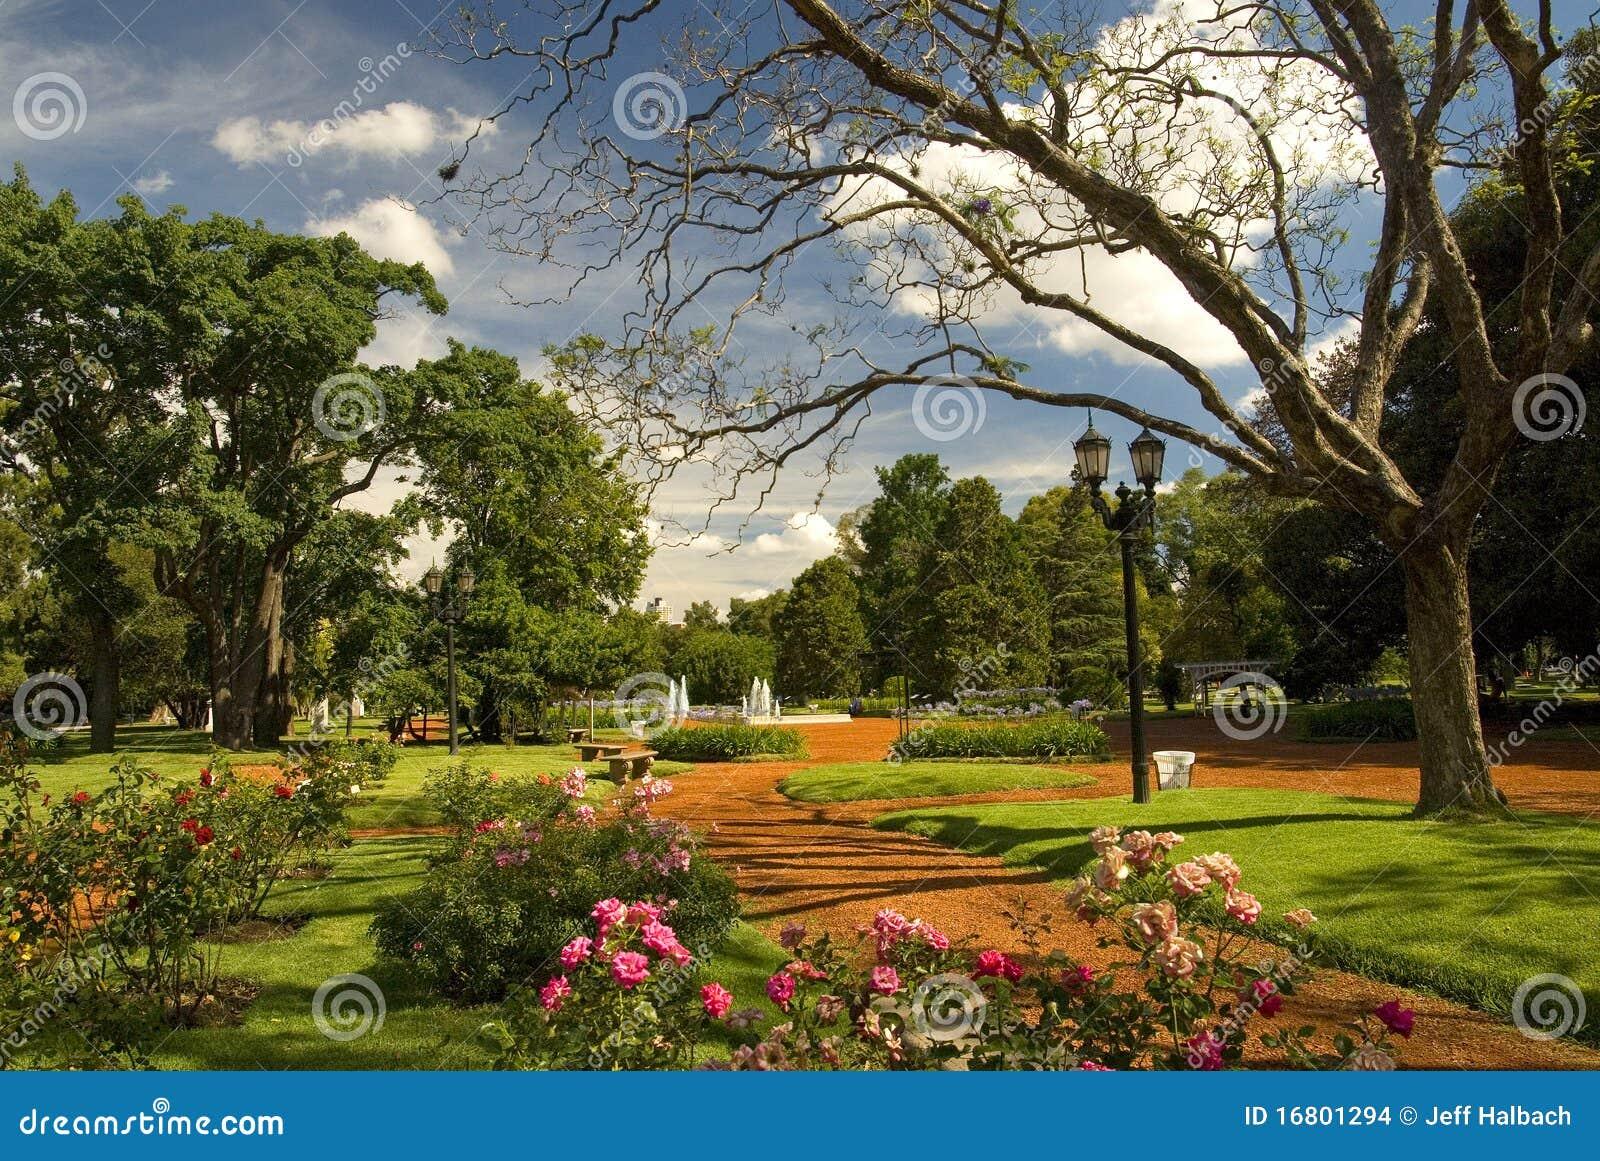 imagens jardim de rosas:Jardim De Rosas Imagens de Stock – Imagem: 16801294